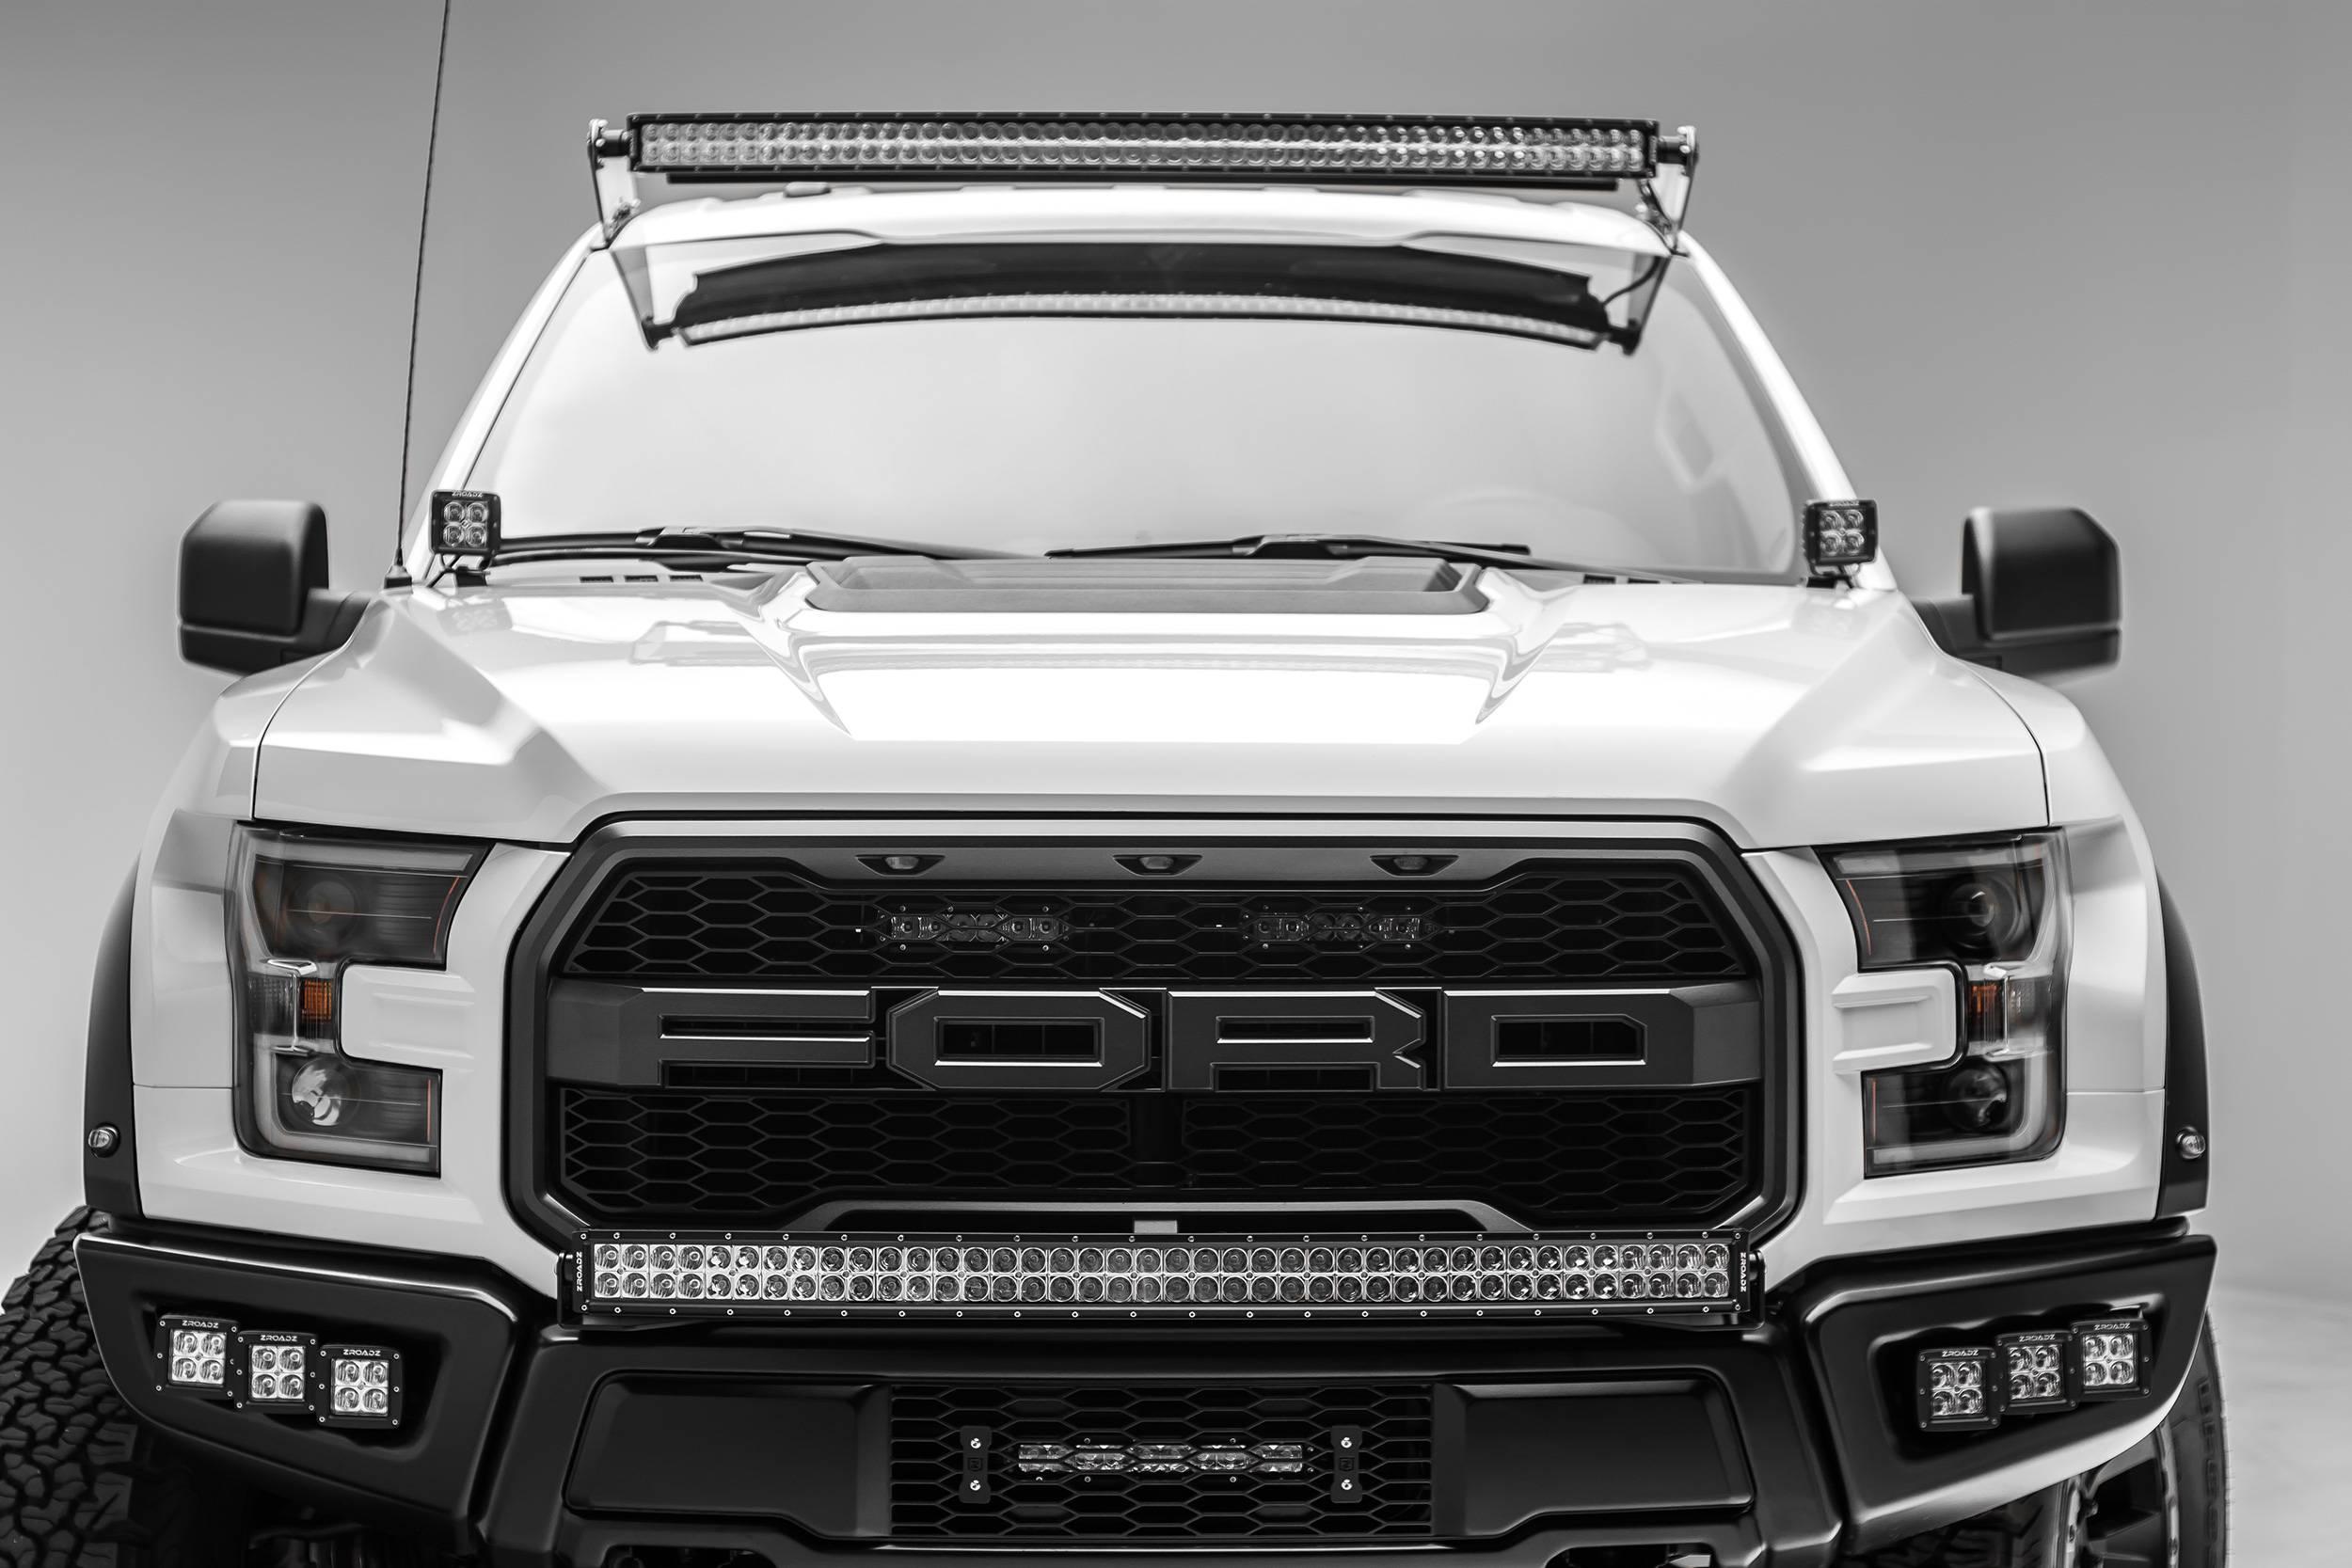 2015 2019 Ford F 150 Raptor Front Roof Led Bracket To Mount 1 52 Inch Curved Led Light Bar Pn Z335662